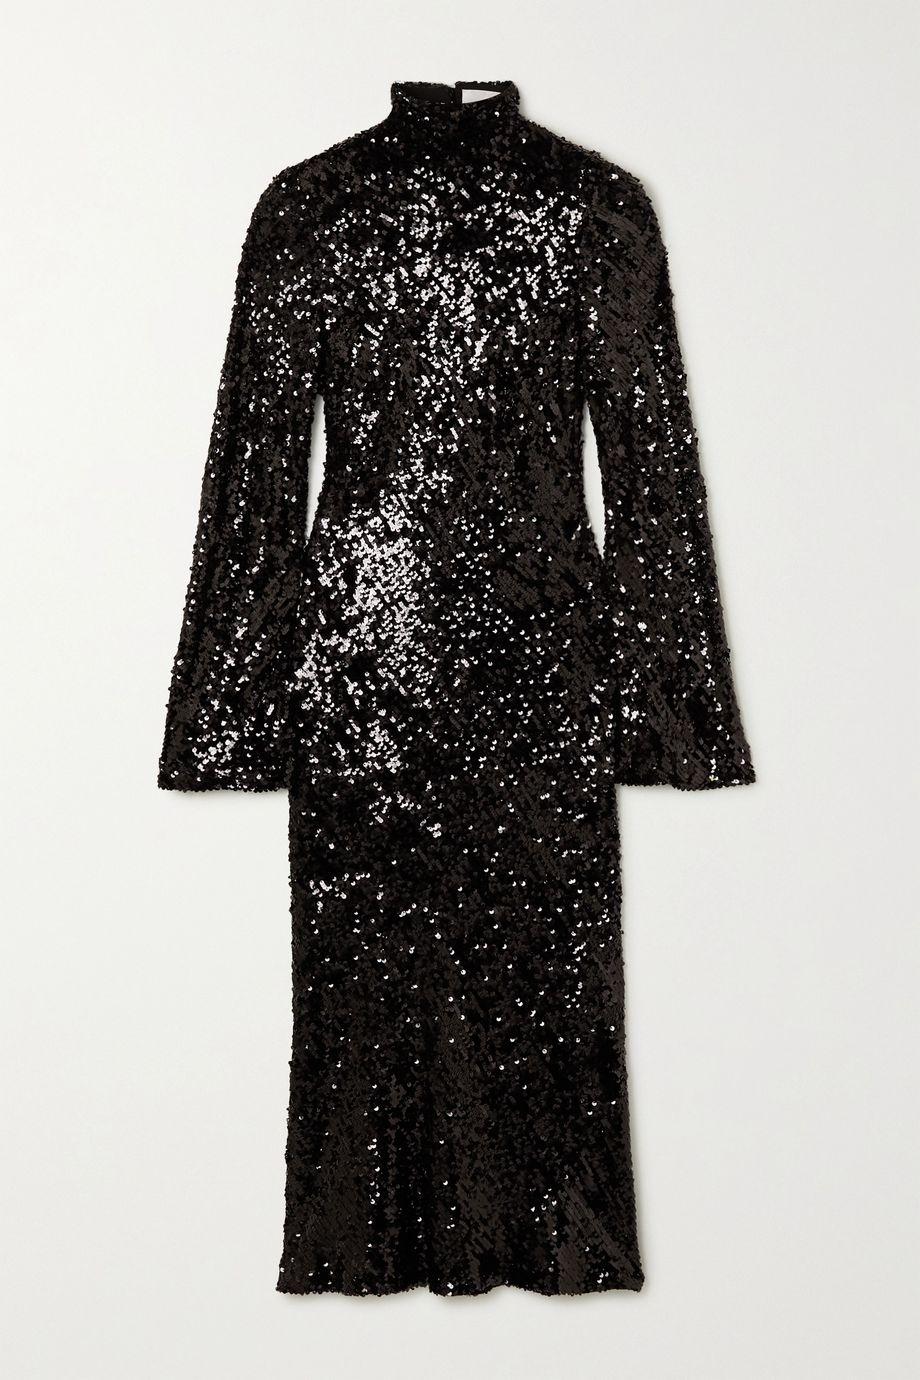 Galvan Legato open-back sequined chiffon midi dress